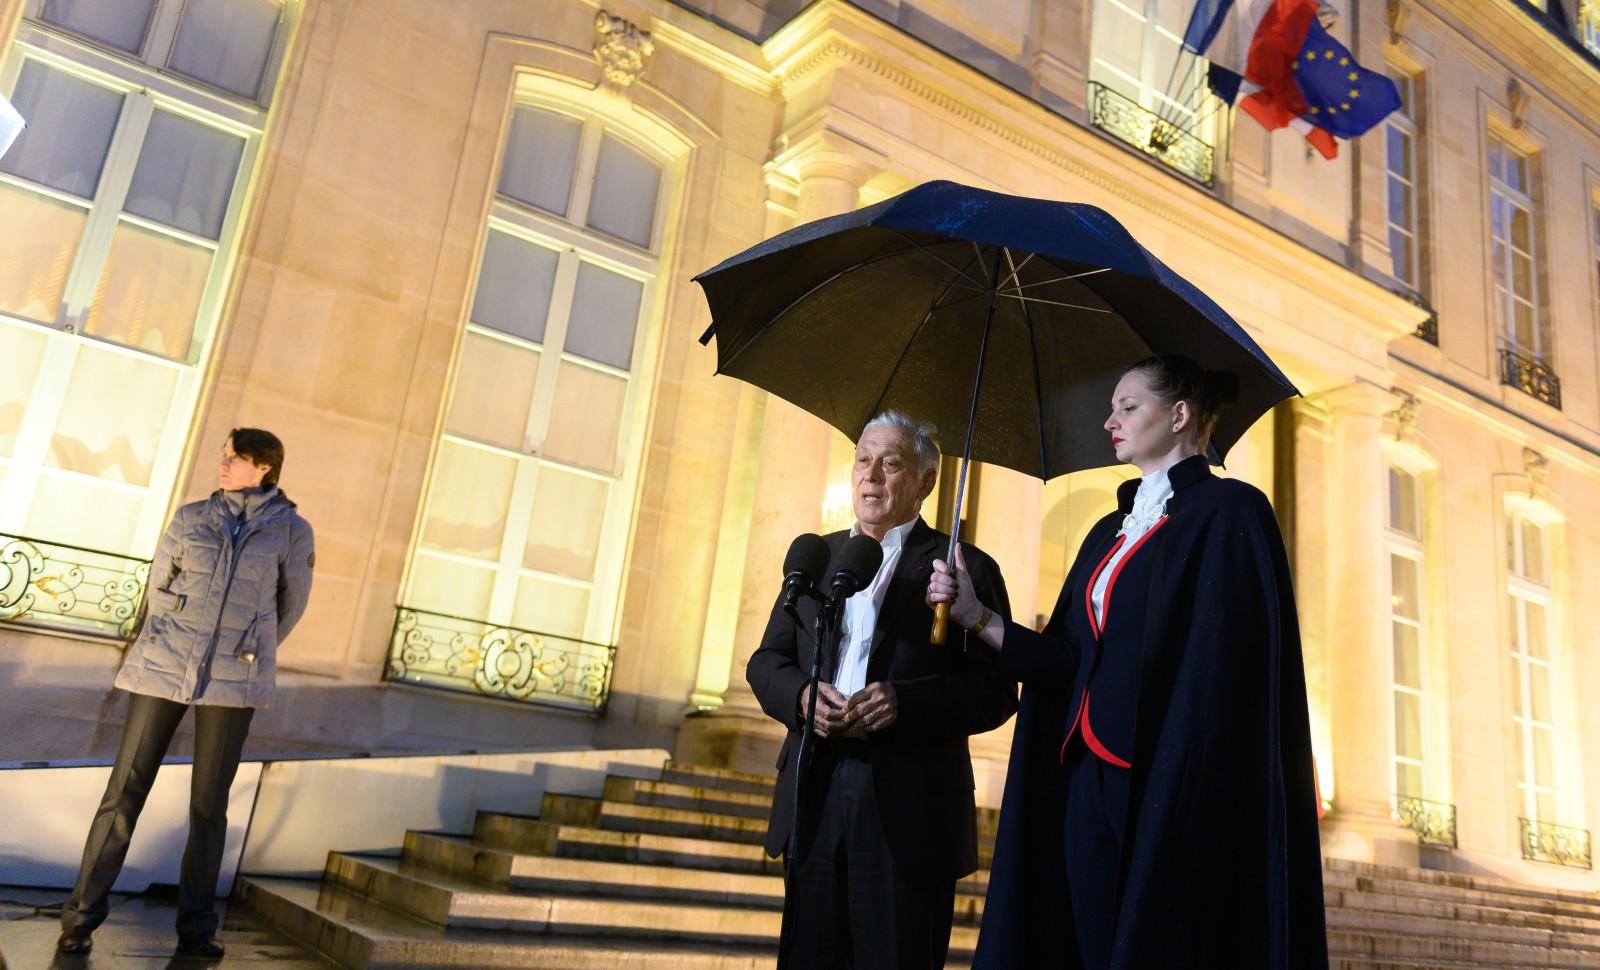 Le président du conseil scientifique sur le Covid-19, Jean-François Delfraissy, devant le palais de l'Elysée à Paris, le 5 mars 2020 © Jacques Witt/SIPA Numéro de reportage: 00948425_000018